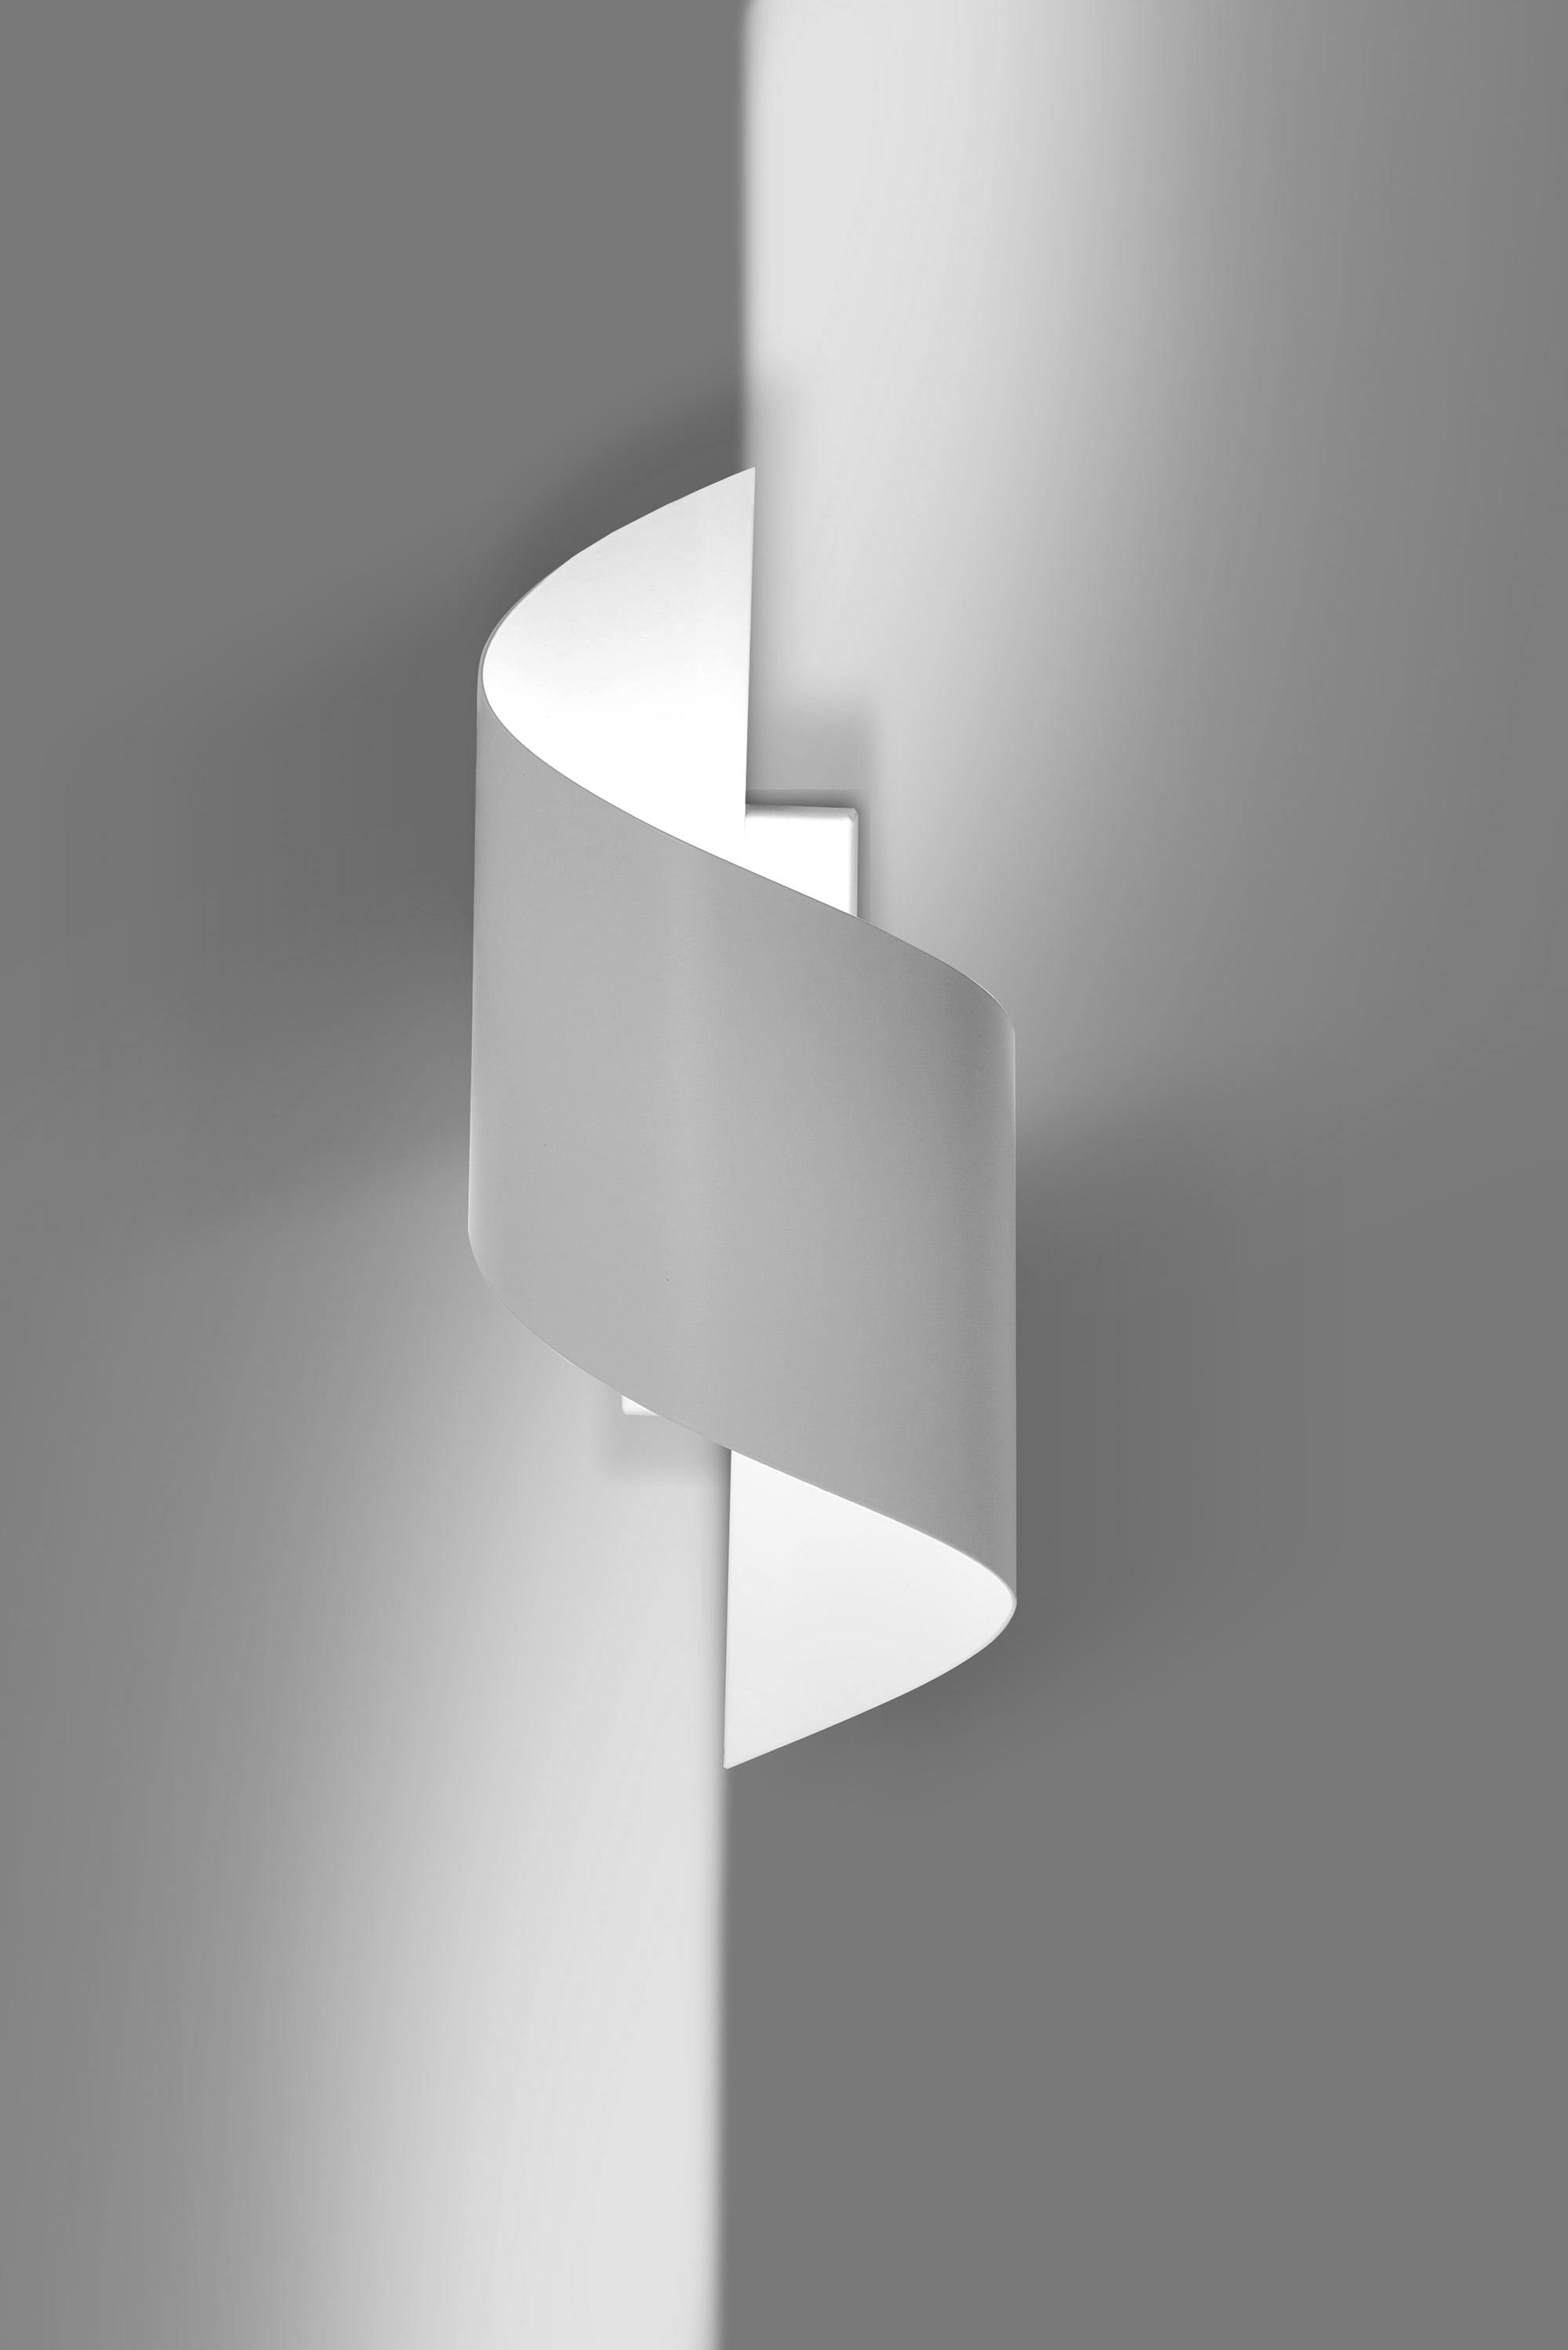 Stylische Wandleuchte Weiß Metall Design up down G9